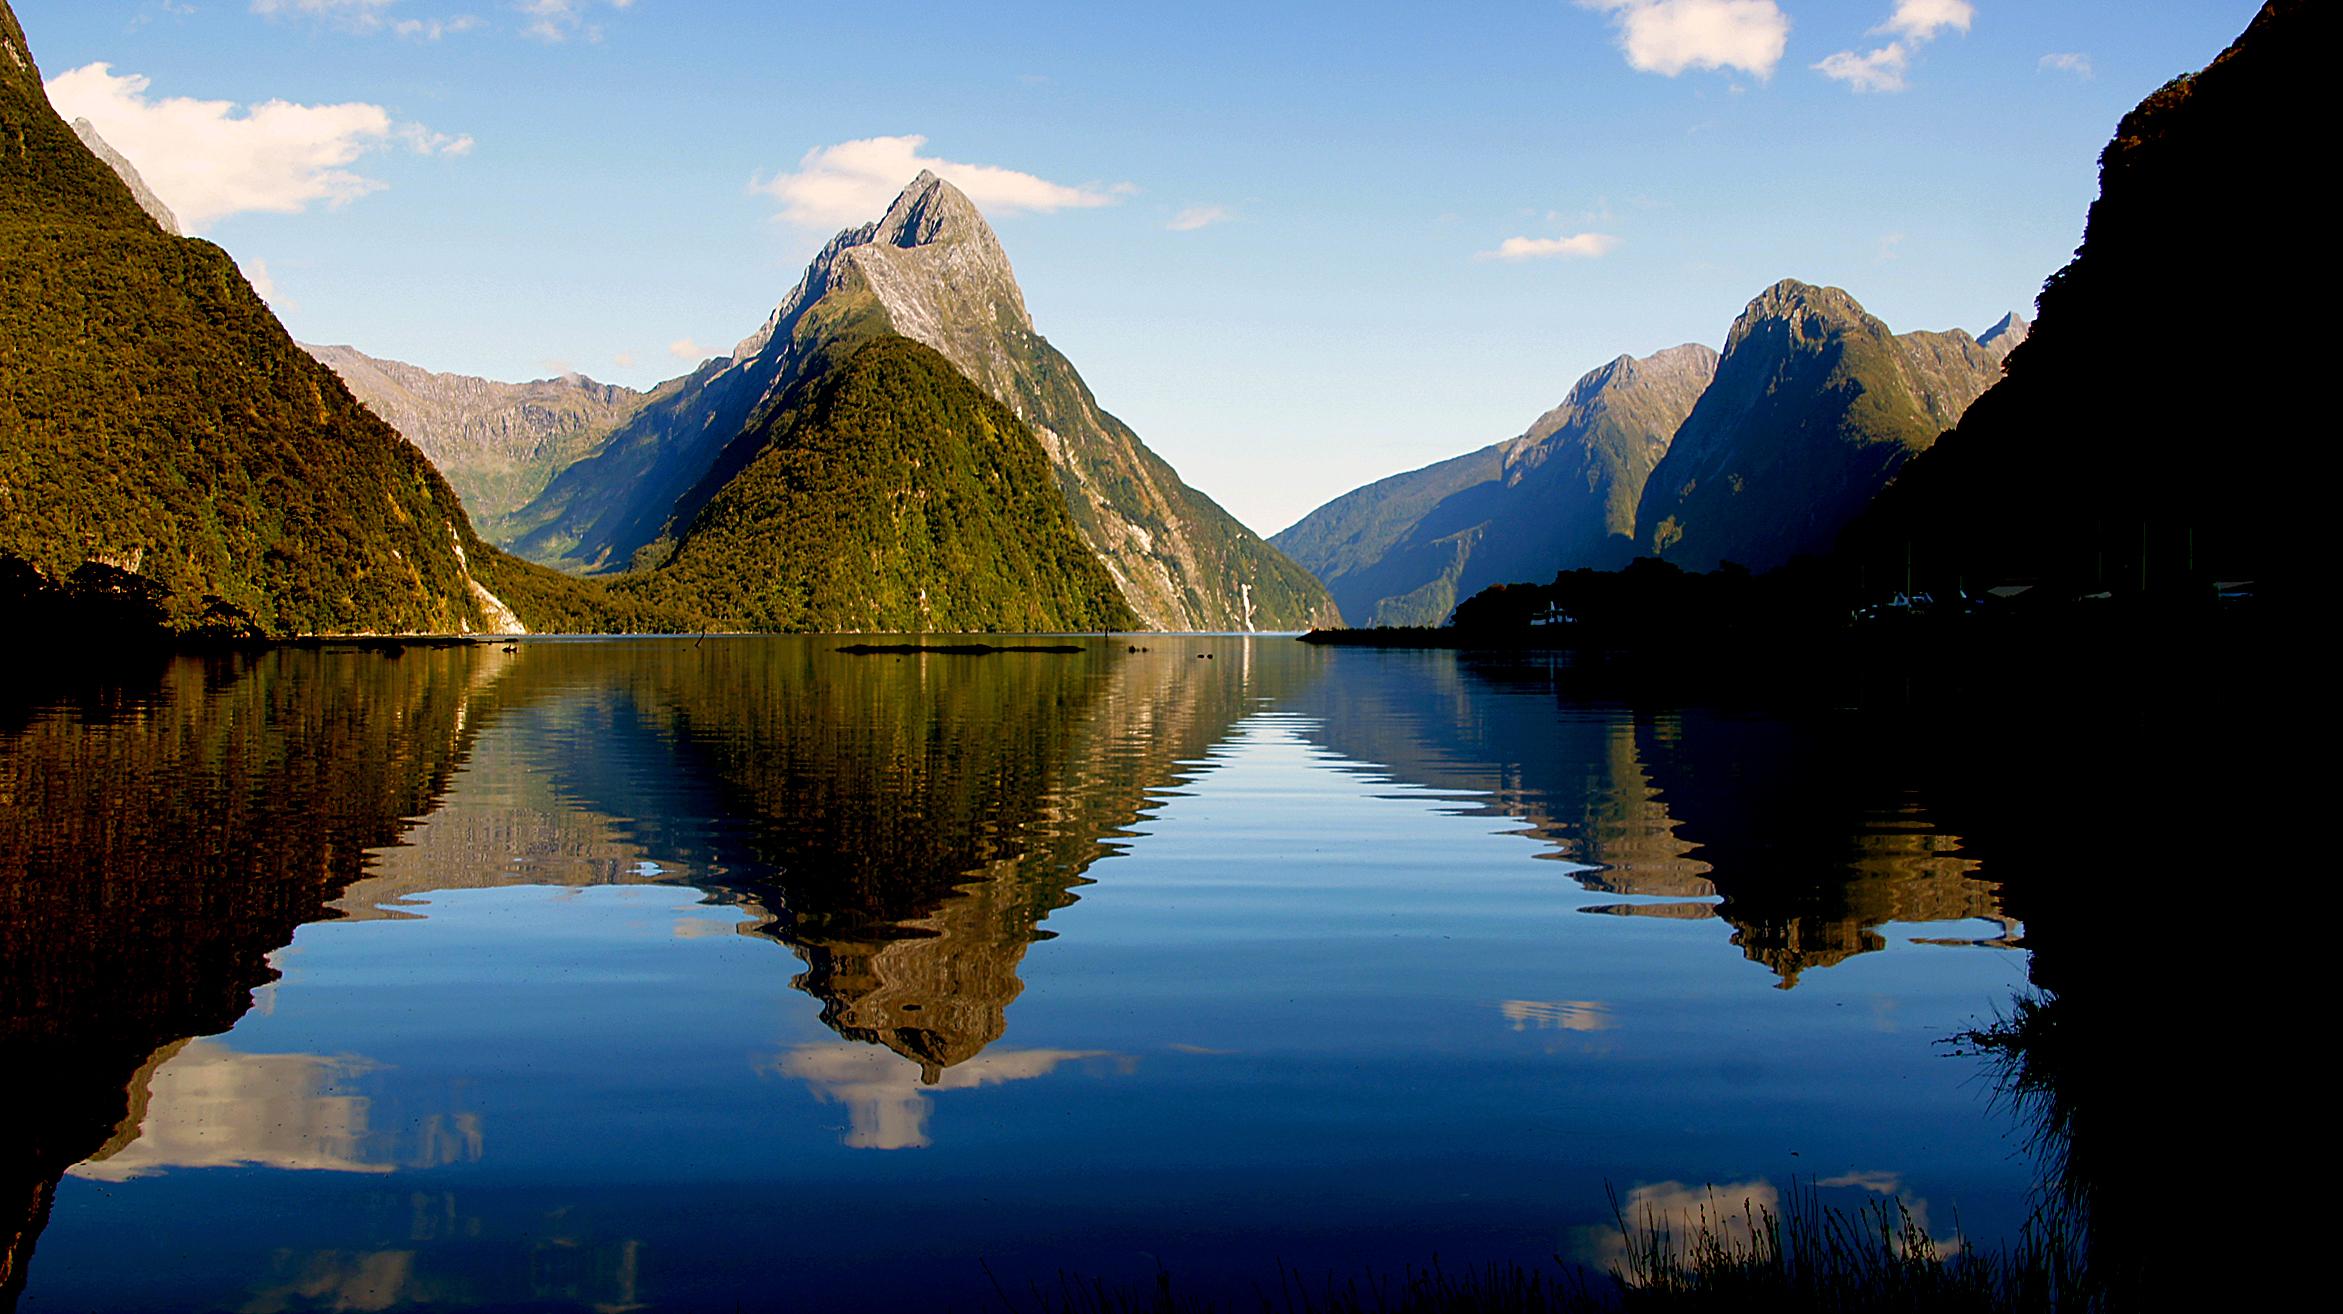 Új-Zéland partjainál az átlagosnál két fokkal többet mértek, és csak most jön a legmelegebb évszak